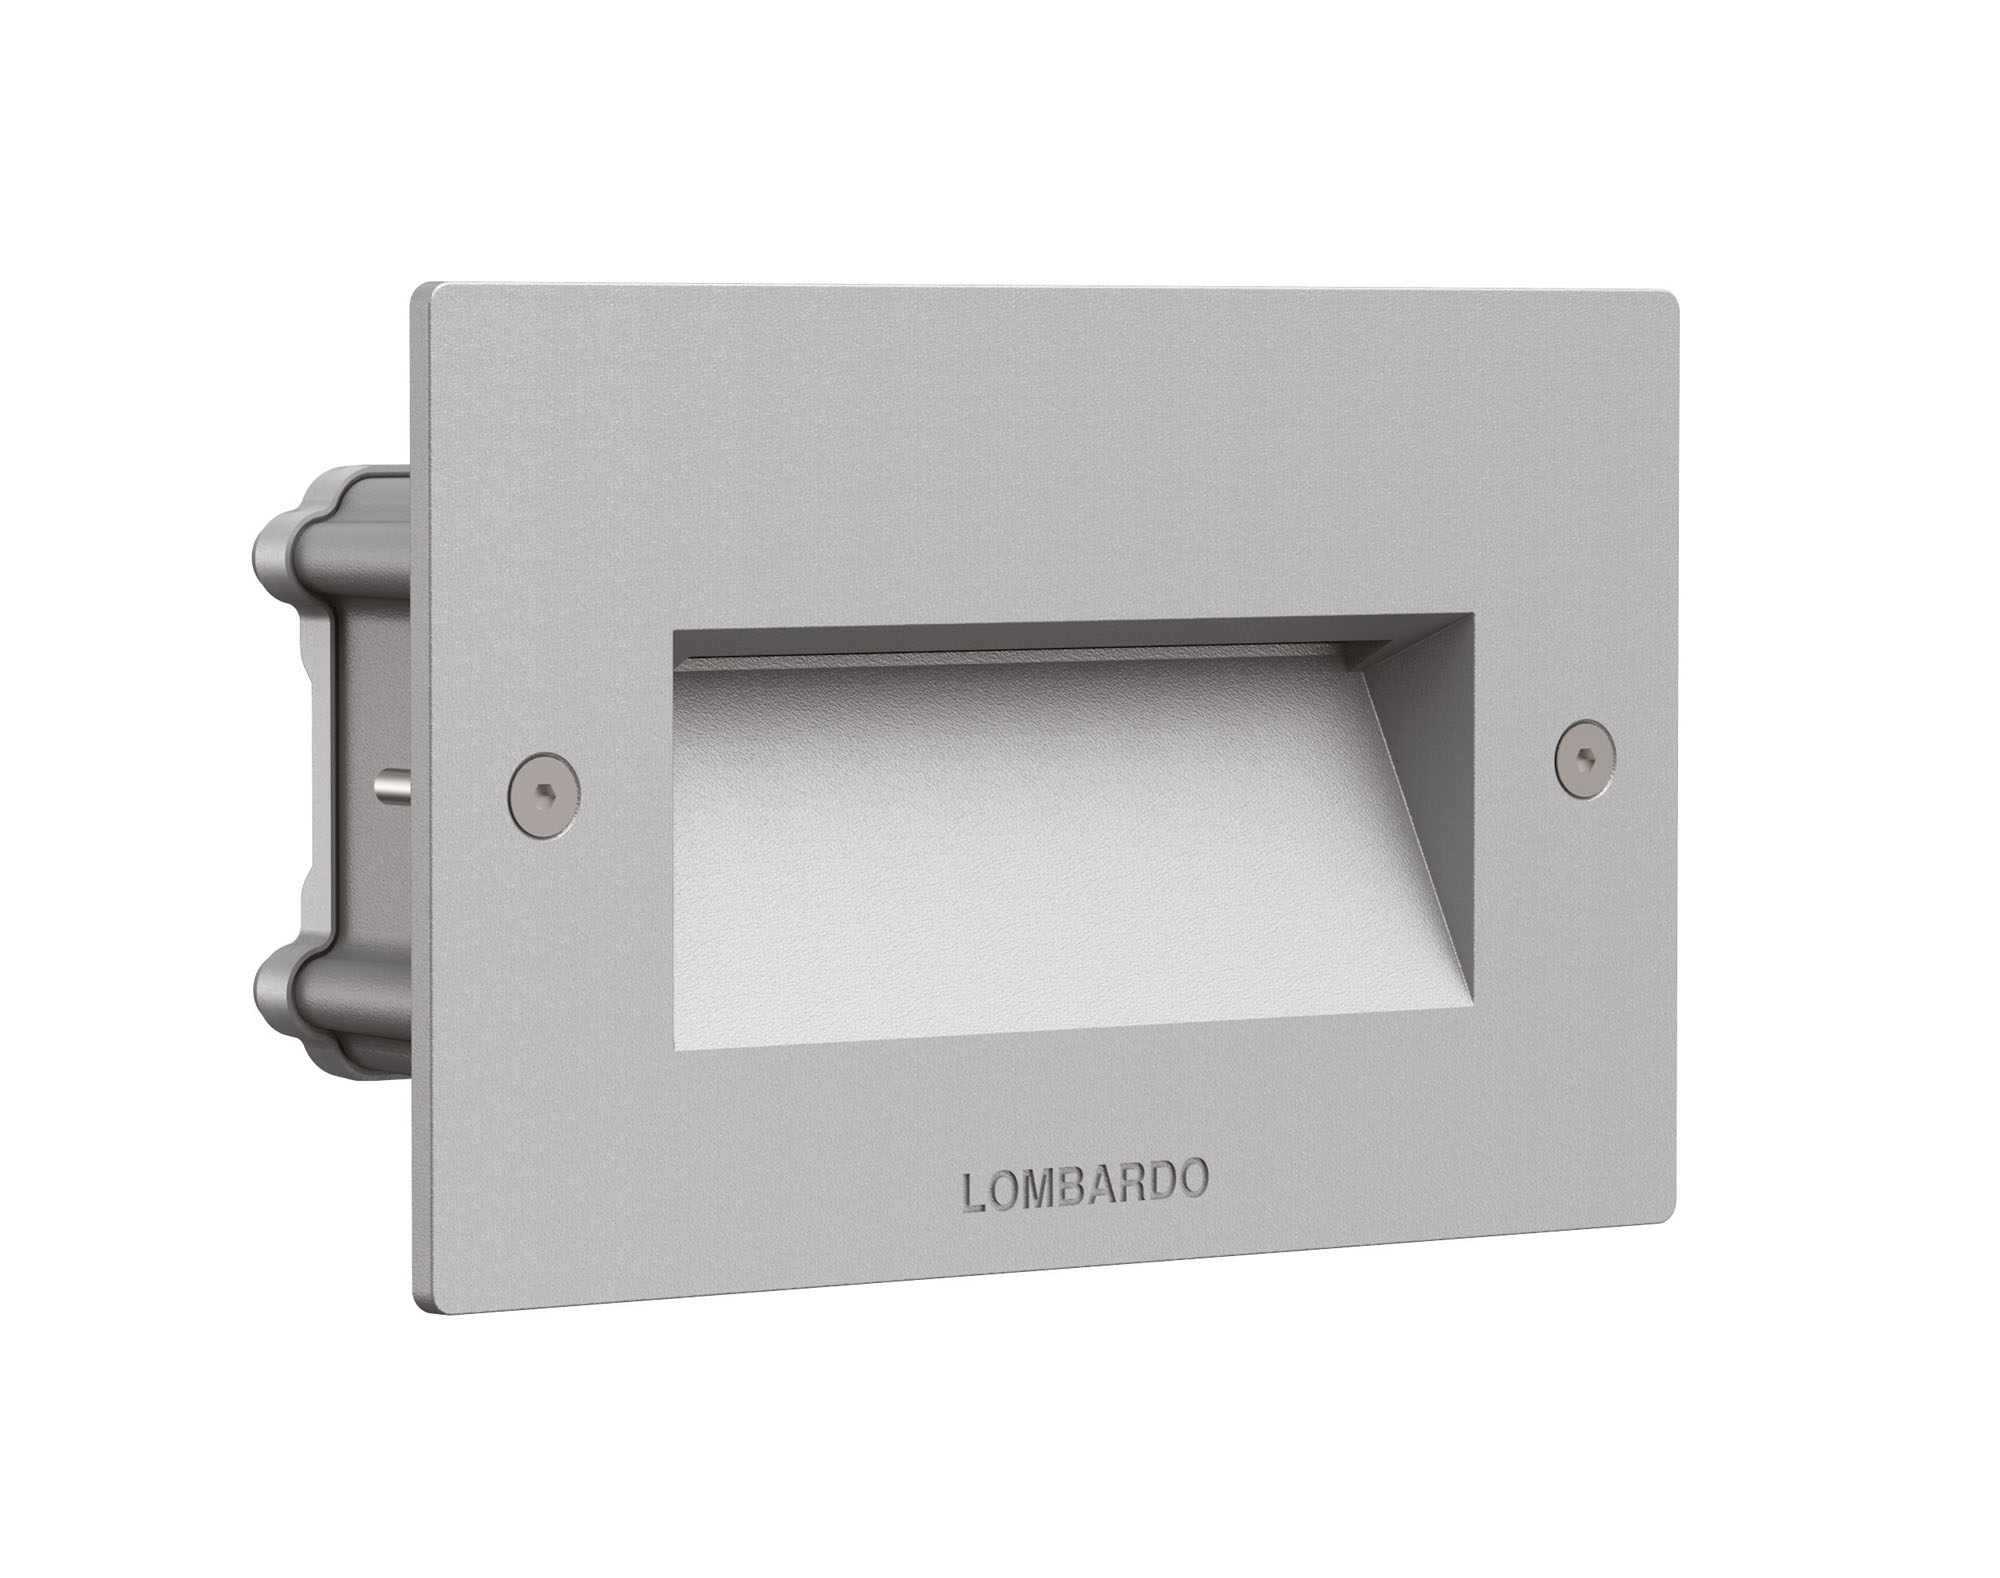 Välisvalgusti FIX 504, LED 4,5W 300lm 3000K; alumiinium, corten (pildil on halli värvi valgusti)